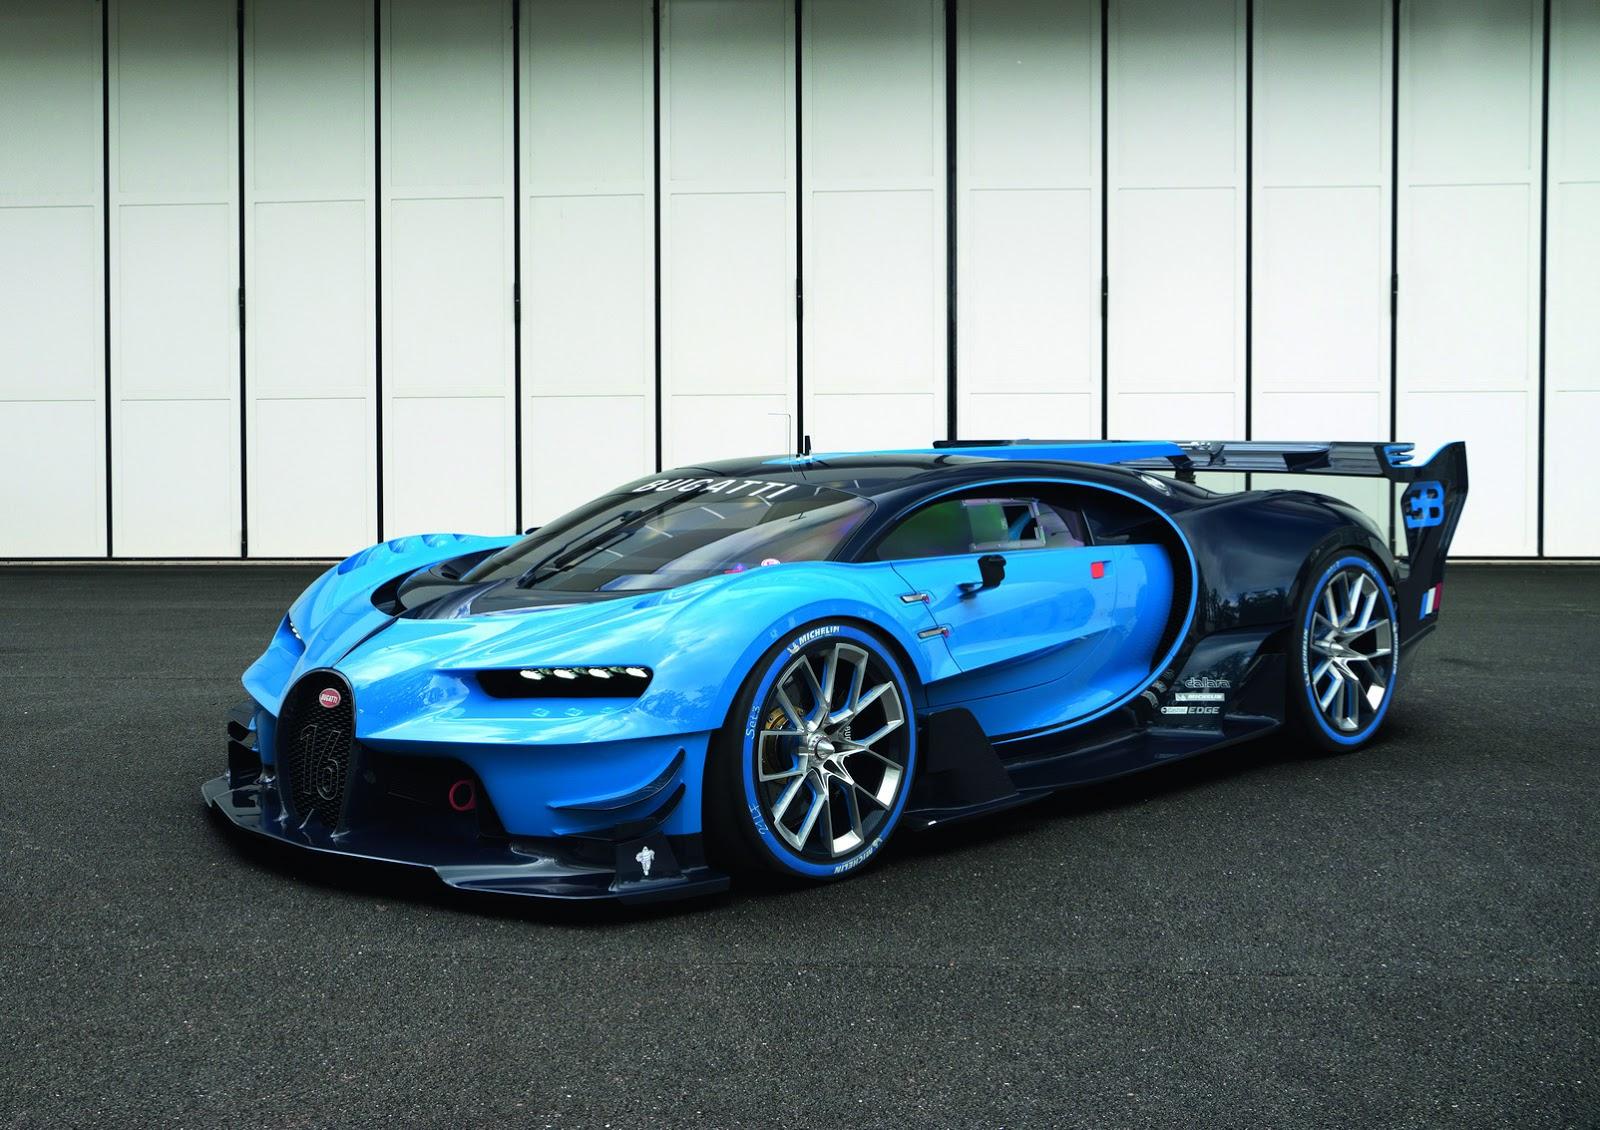 Vô địch Champions League, tiền đạo Karim Benzema 'tậu' siêu xe tiền tỷ Bugatti Chiron